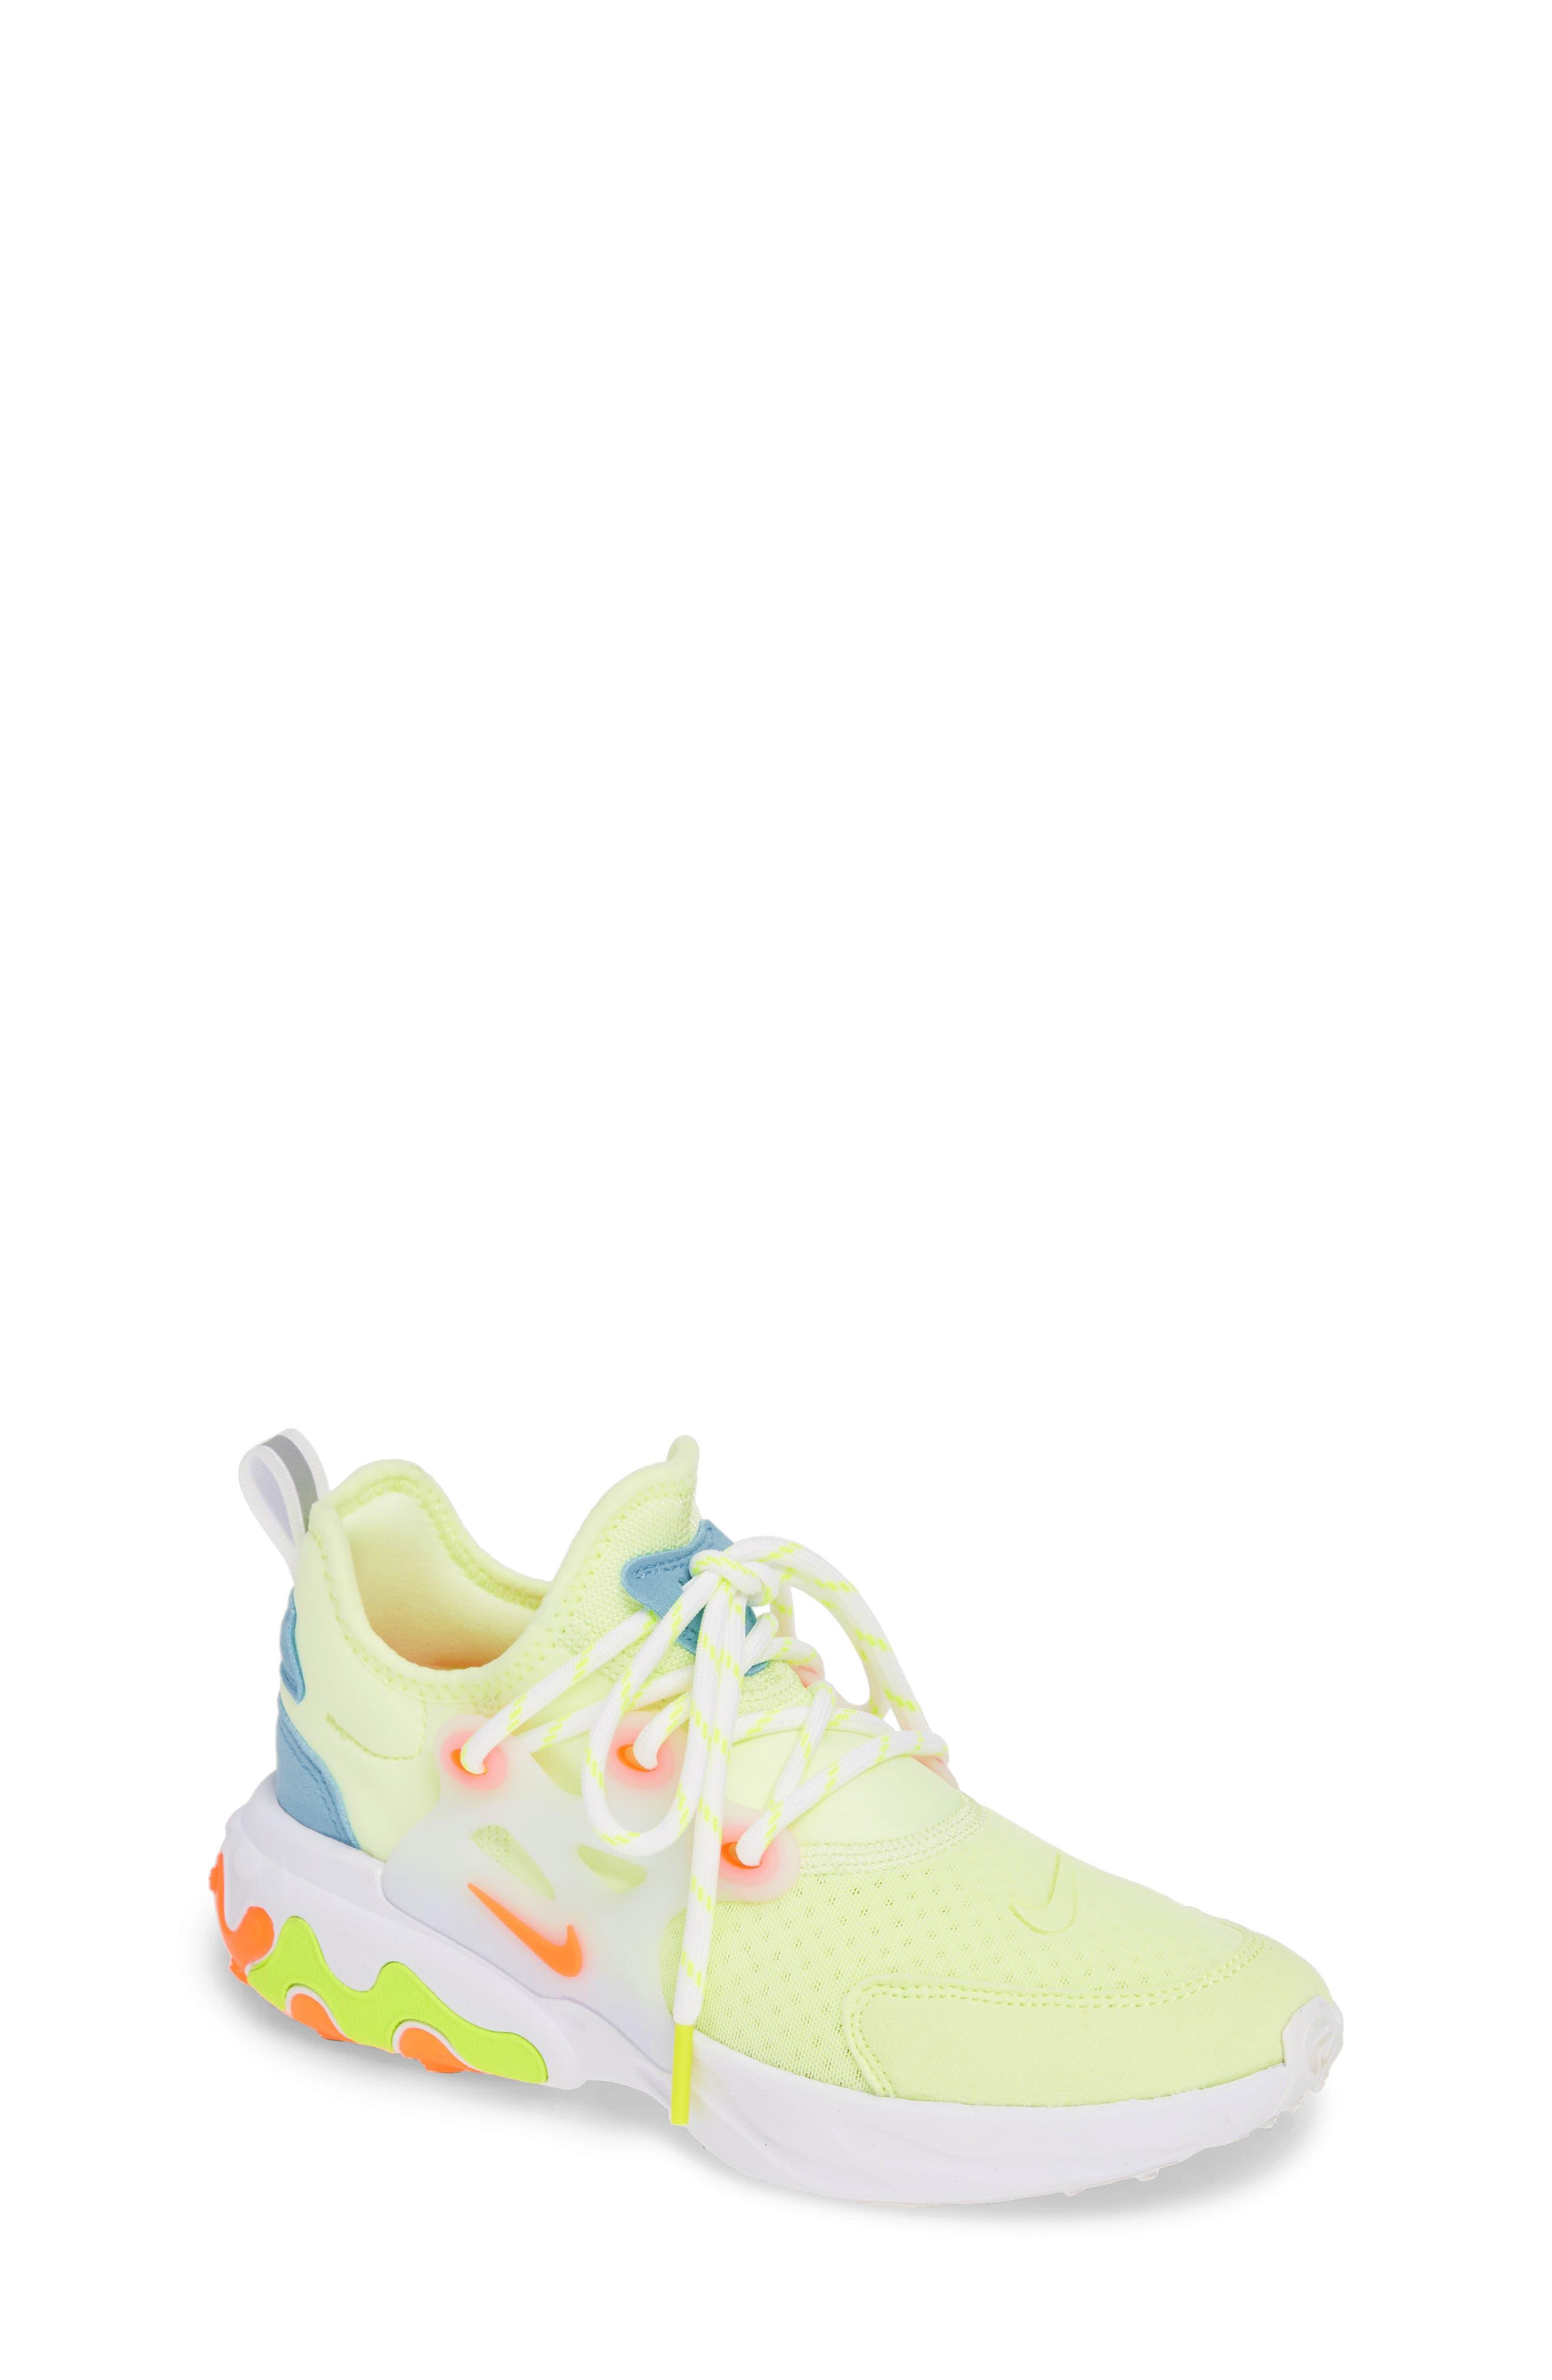 uk availability 6abc7 c7800 Nike Unisex Baby   Walker Shoes   Nordstrom